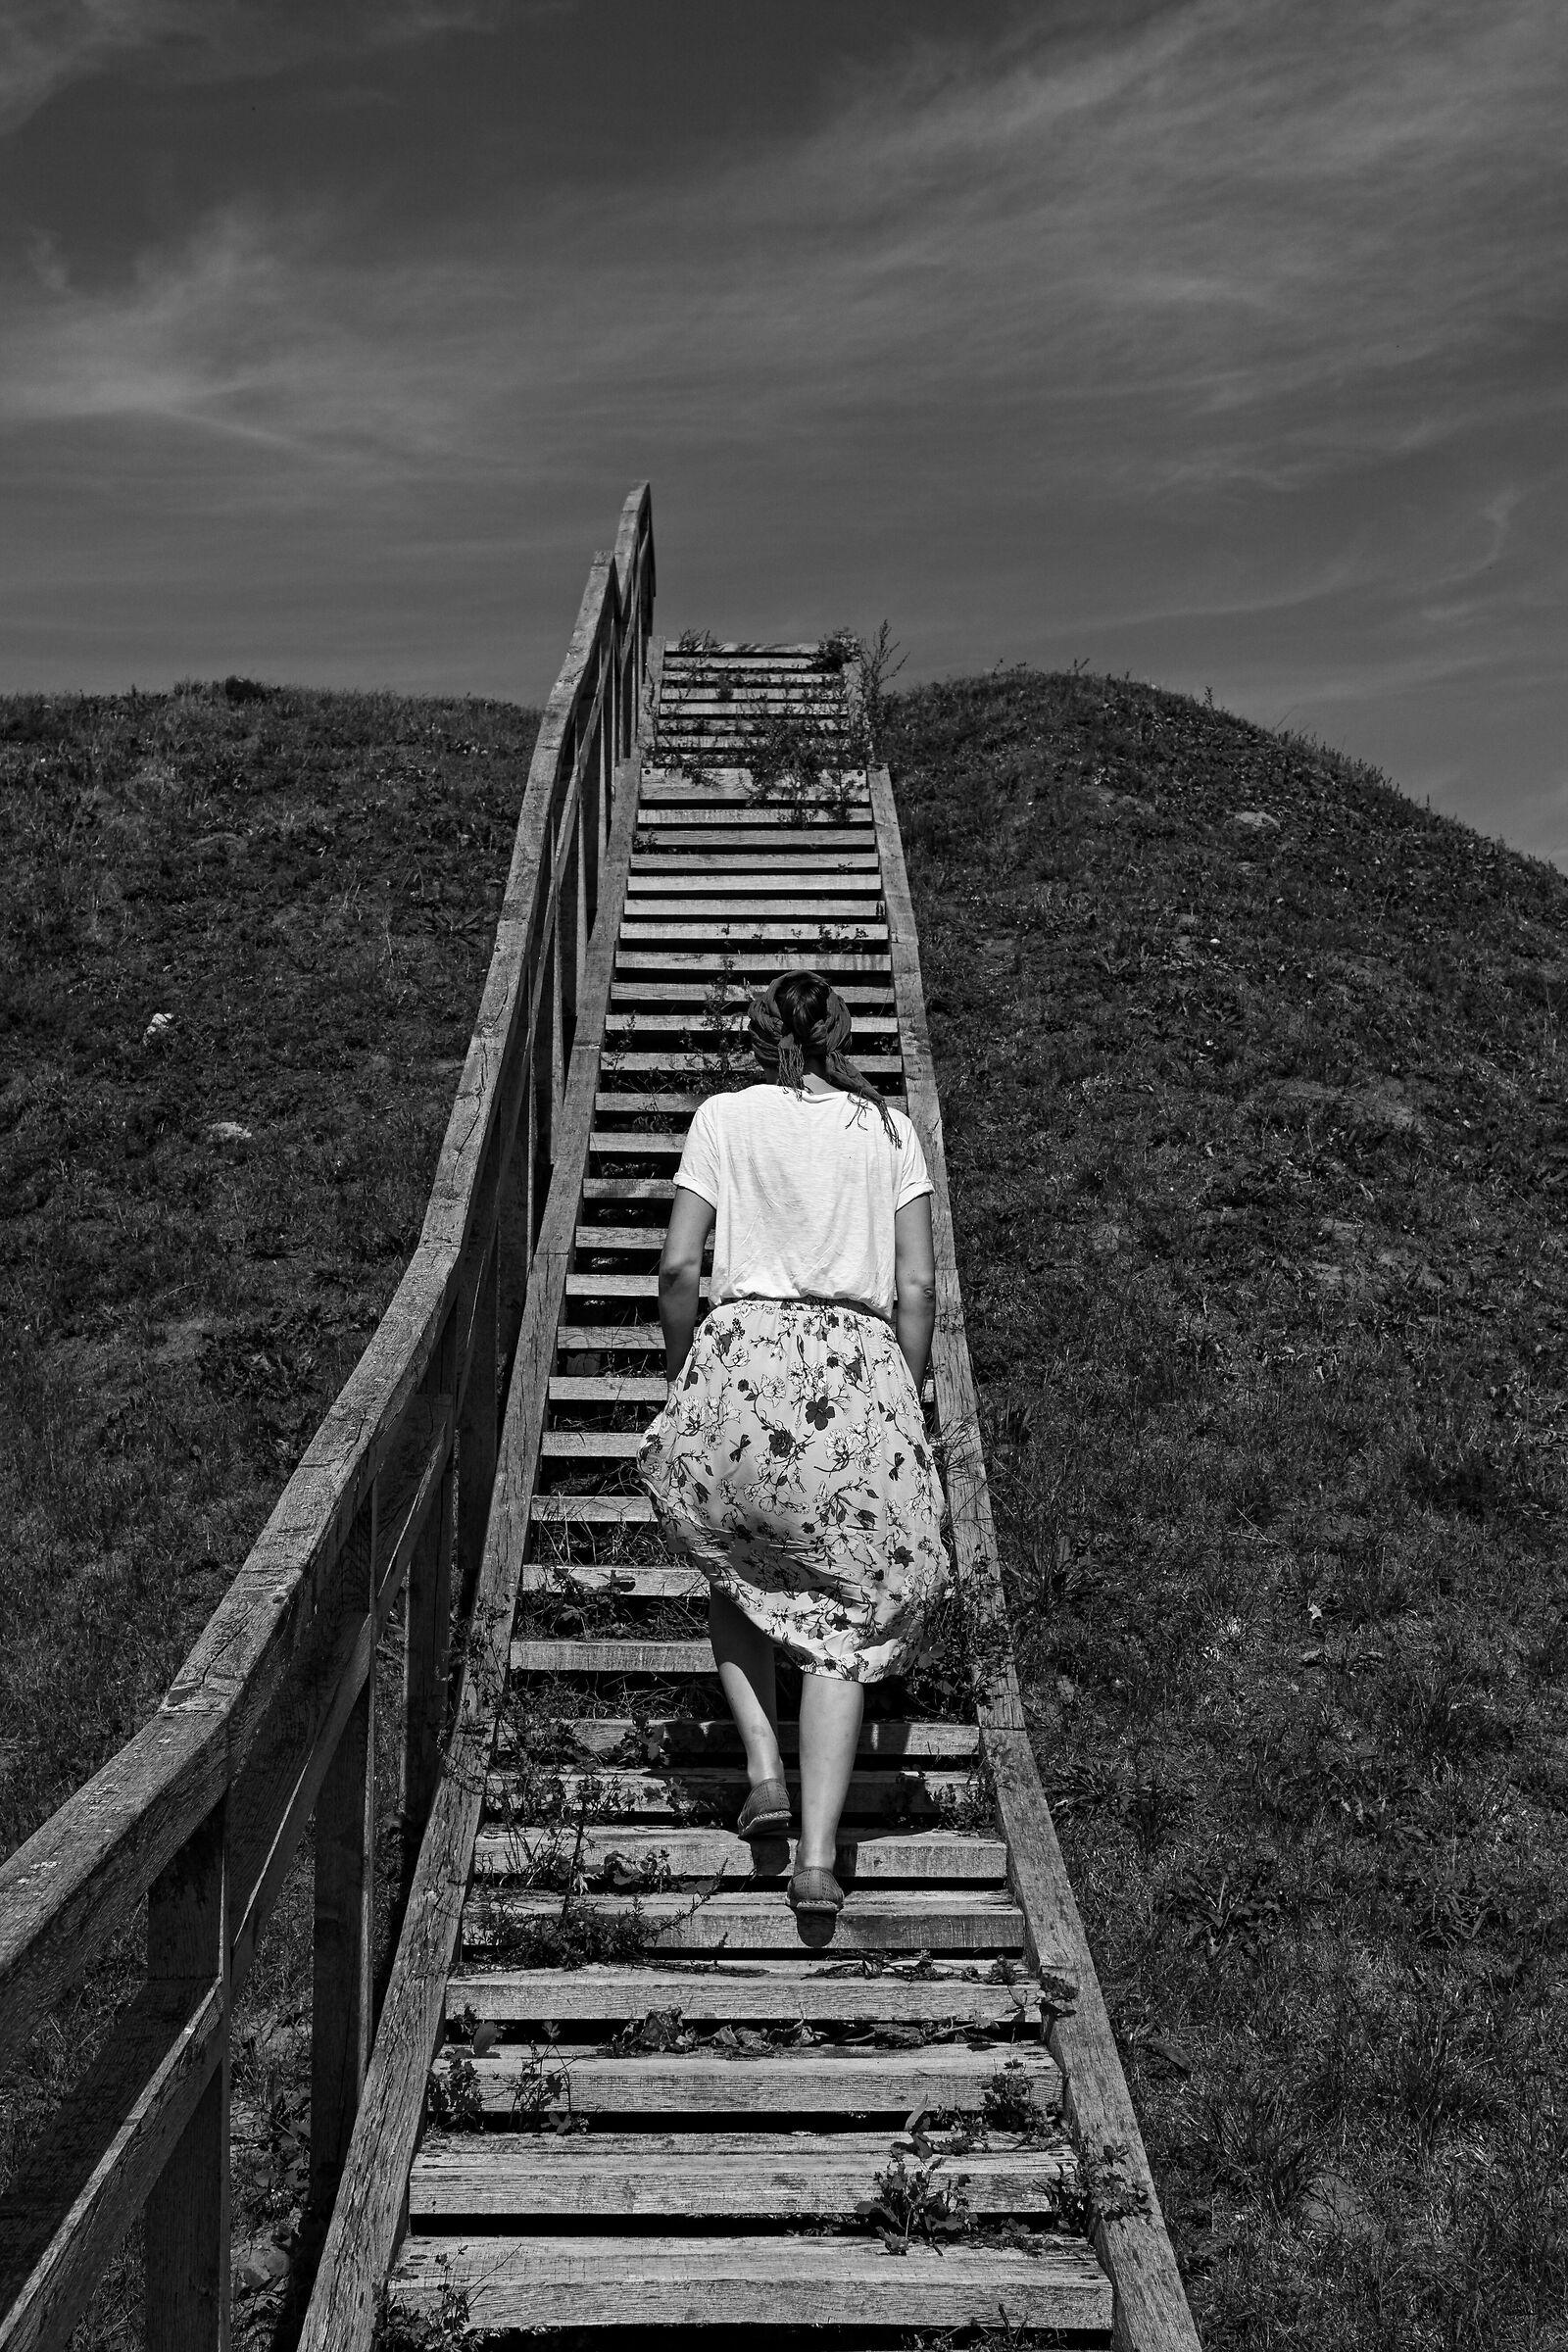 La scala verso il nulla...